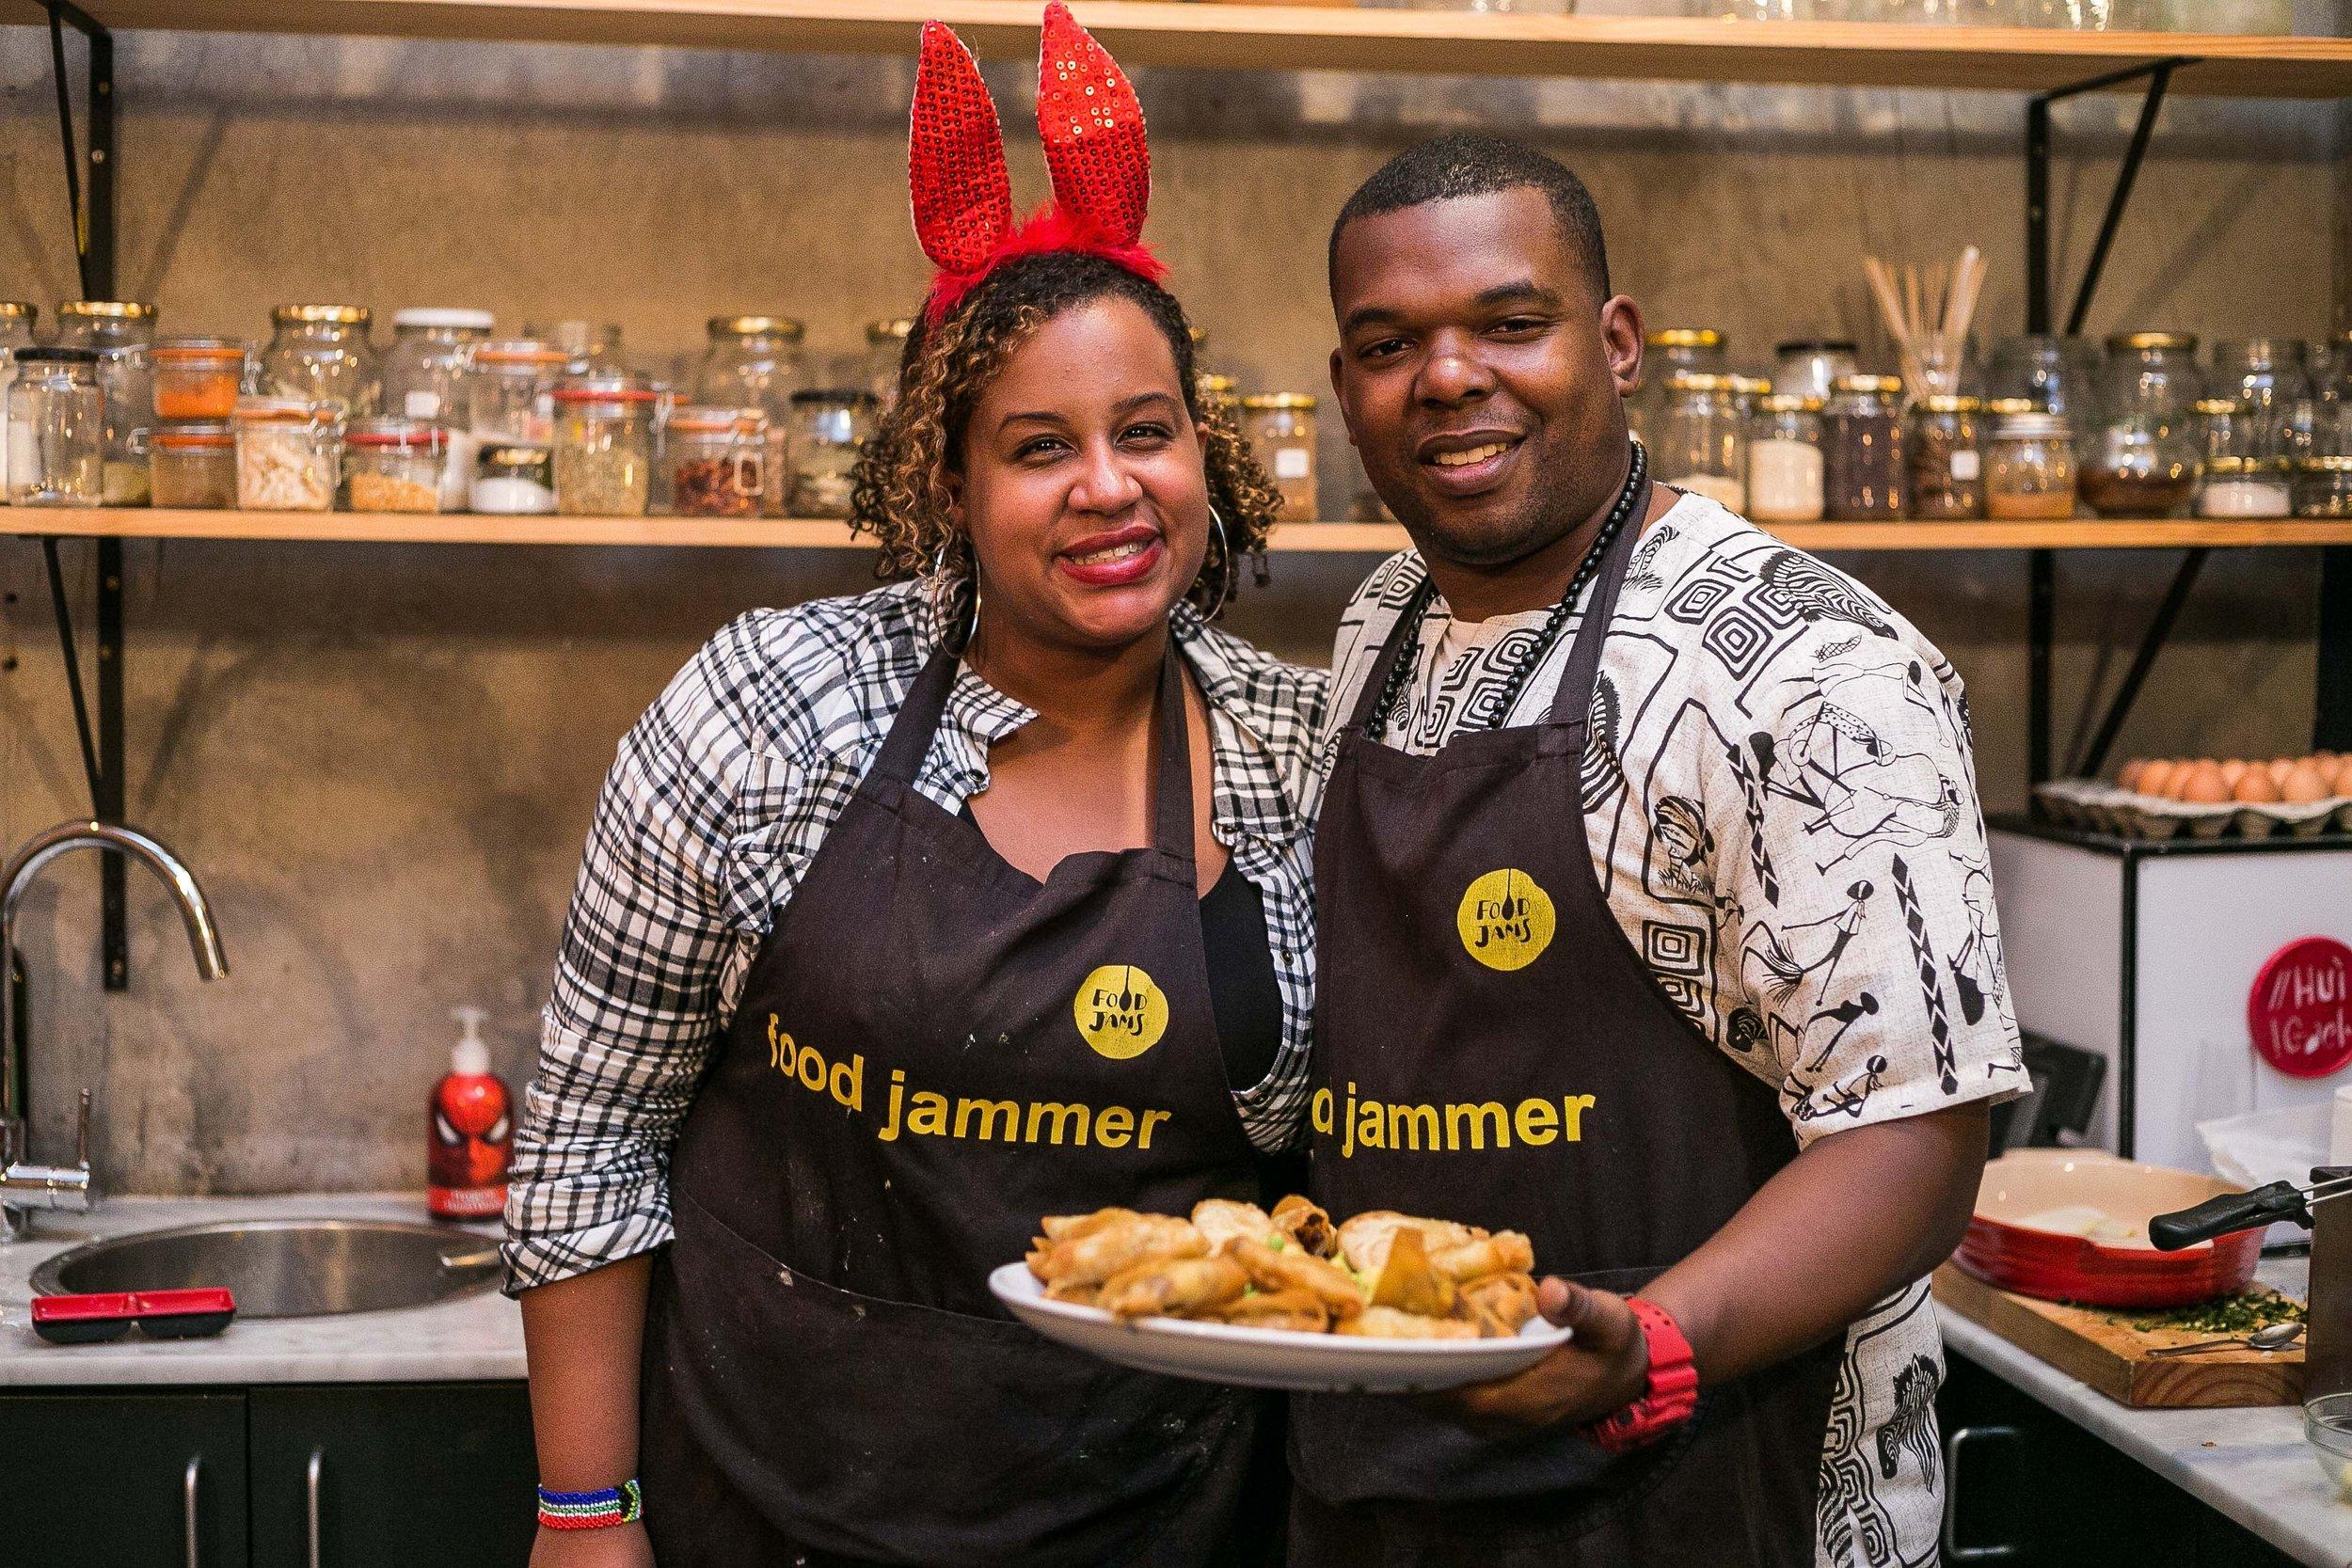 Foodjammers